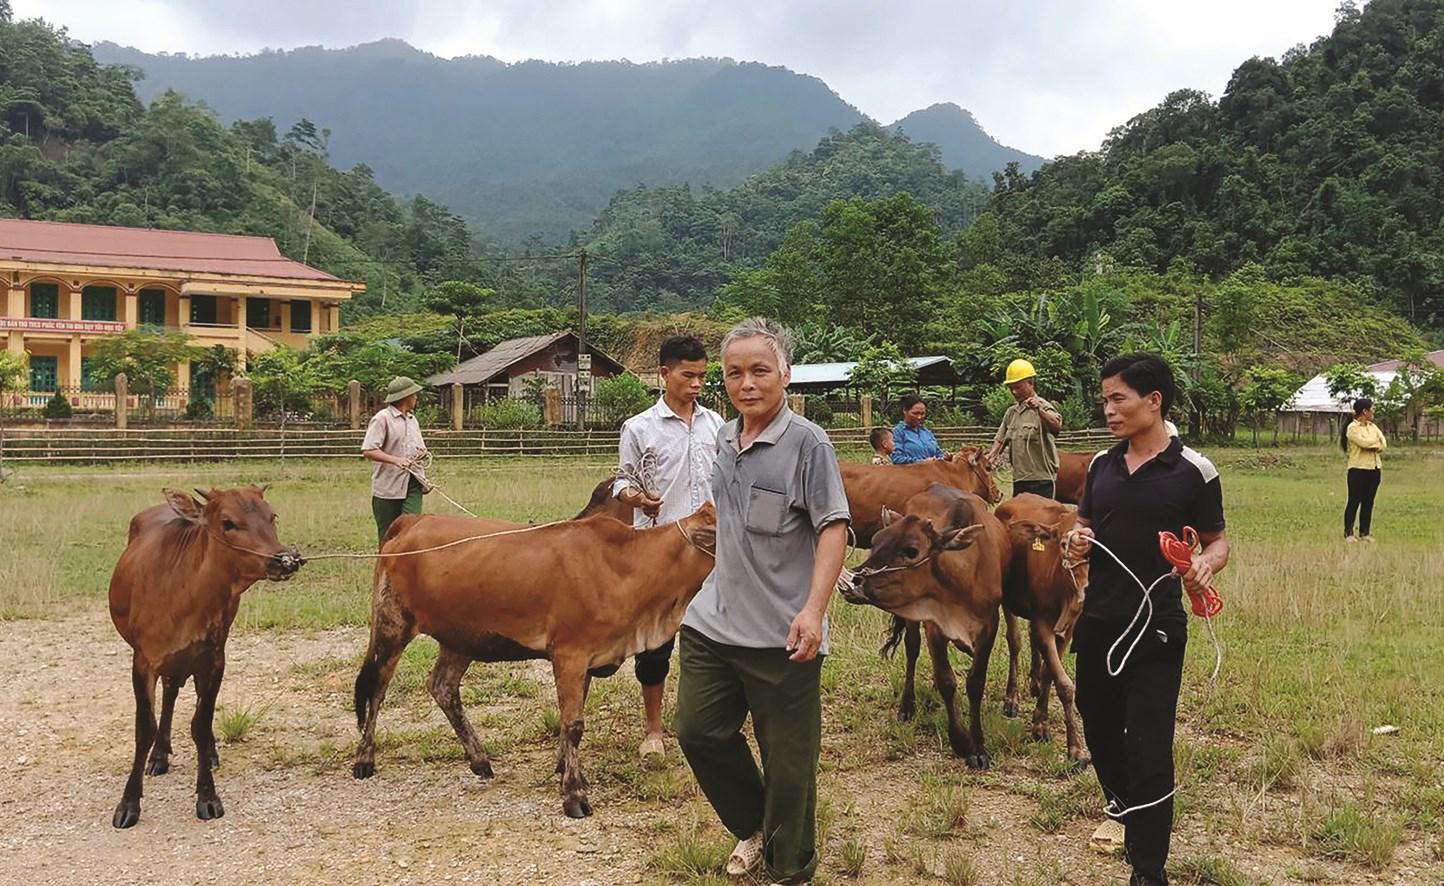 Chương trình vay bò trả bê ở xã Phúc Yên, huyện Lâm Bình (Tuyên Quang) góp phần giảm nghèo bền vững cho các hộ nghèo trên địa bàn.